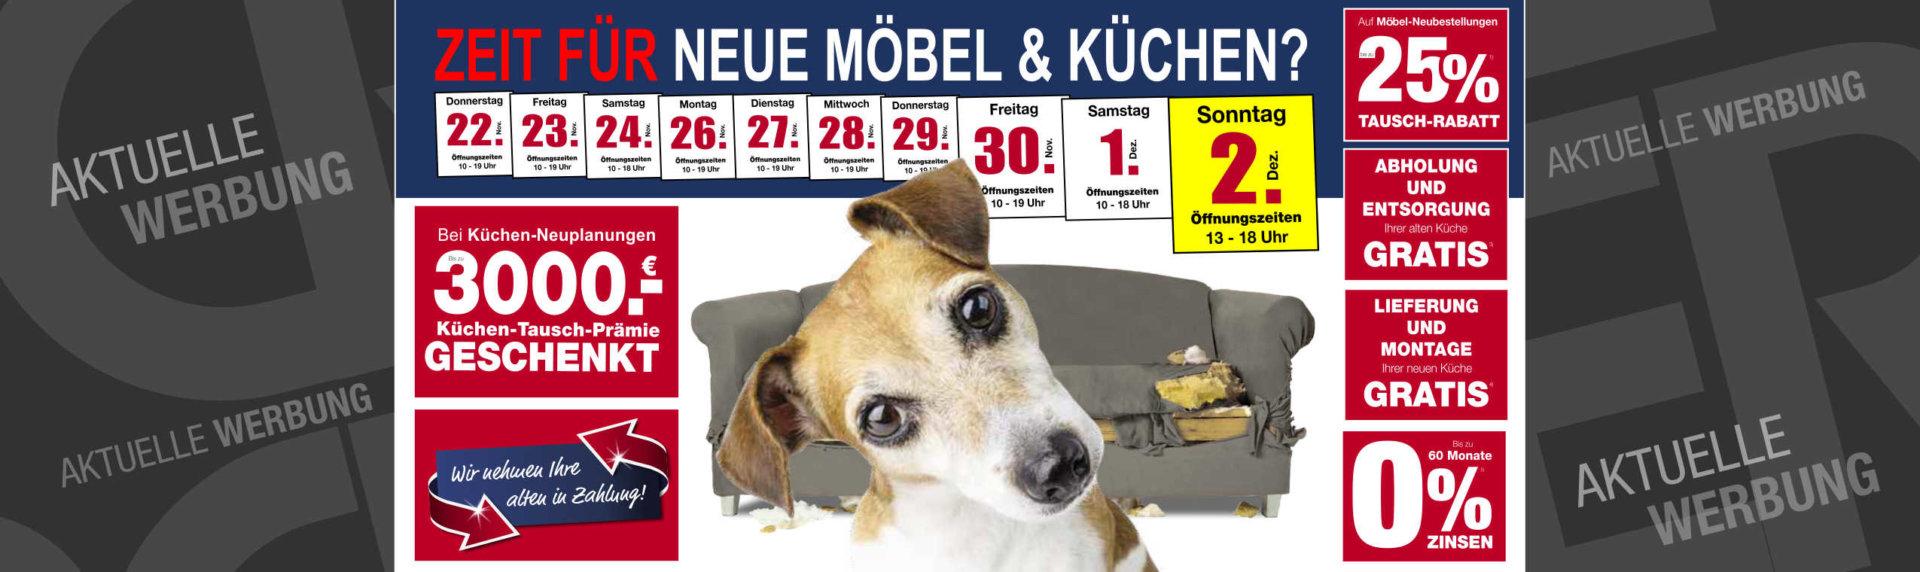 Küchen Tausch Prämie 3000 Euro Geschenkt Möbel Und Küchen Von